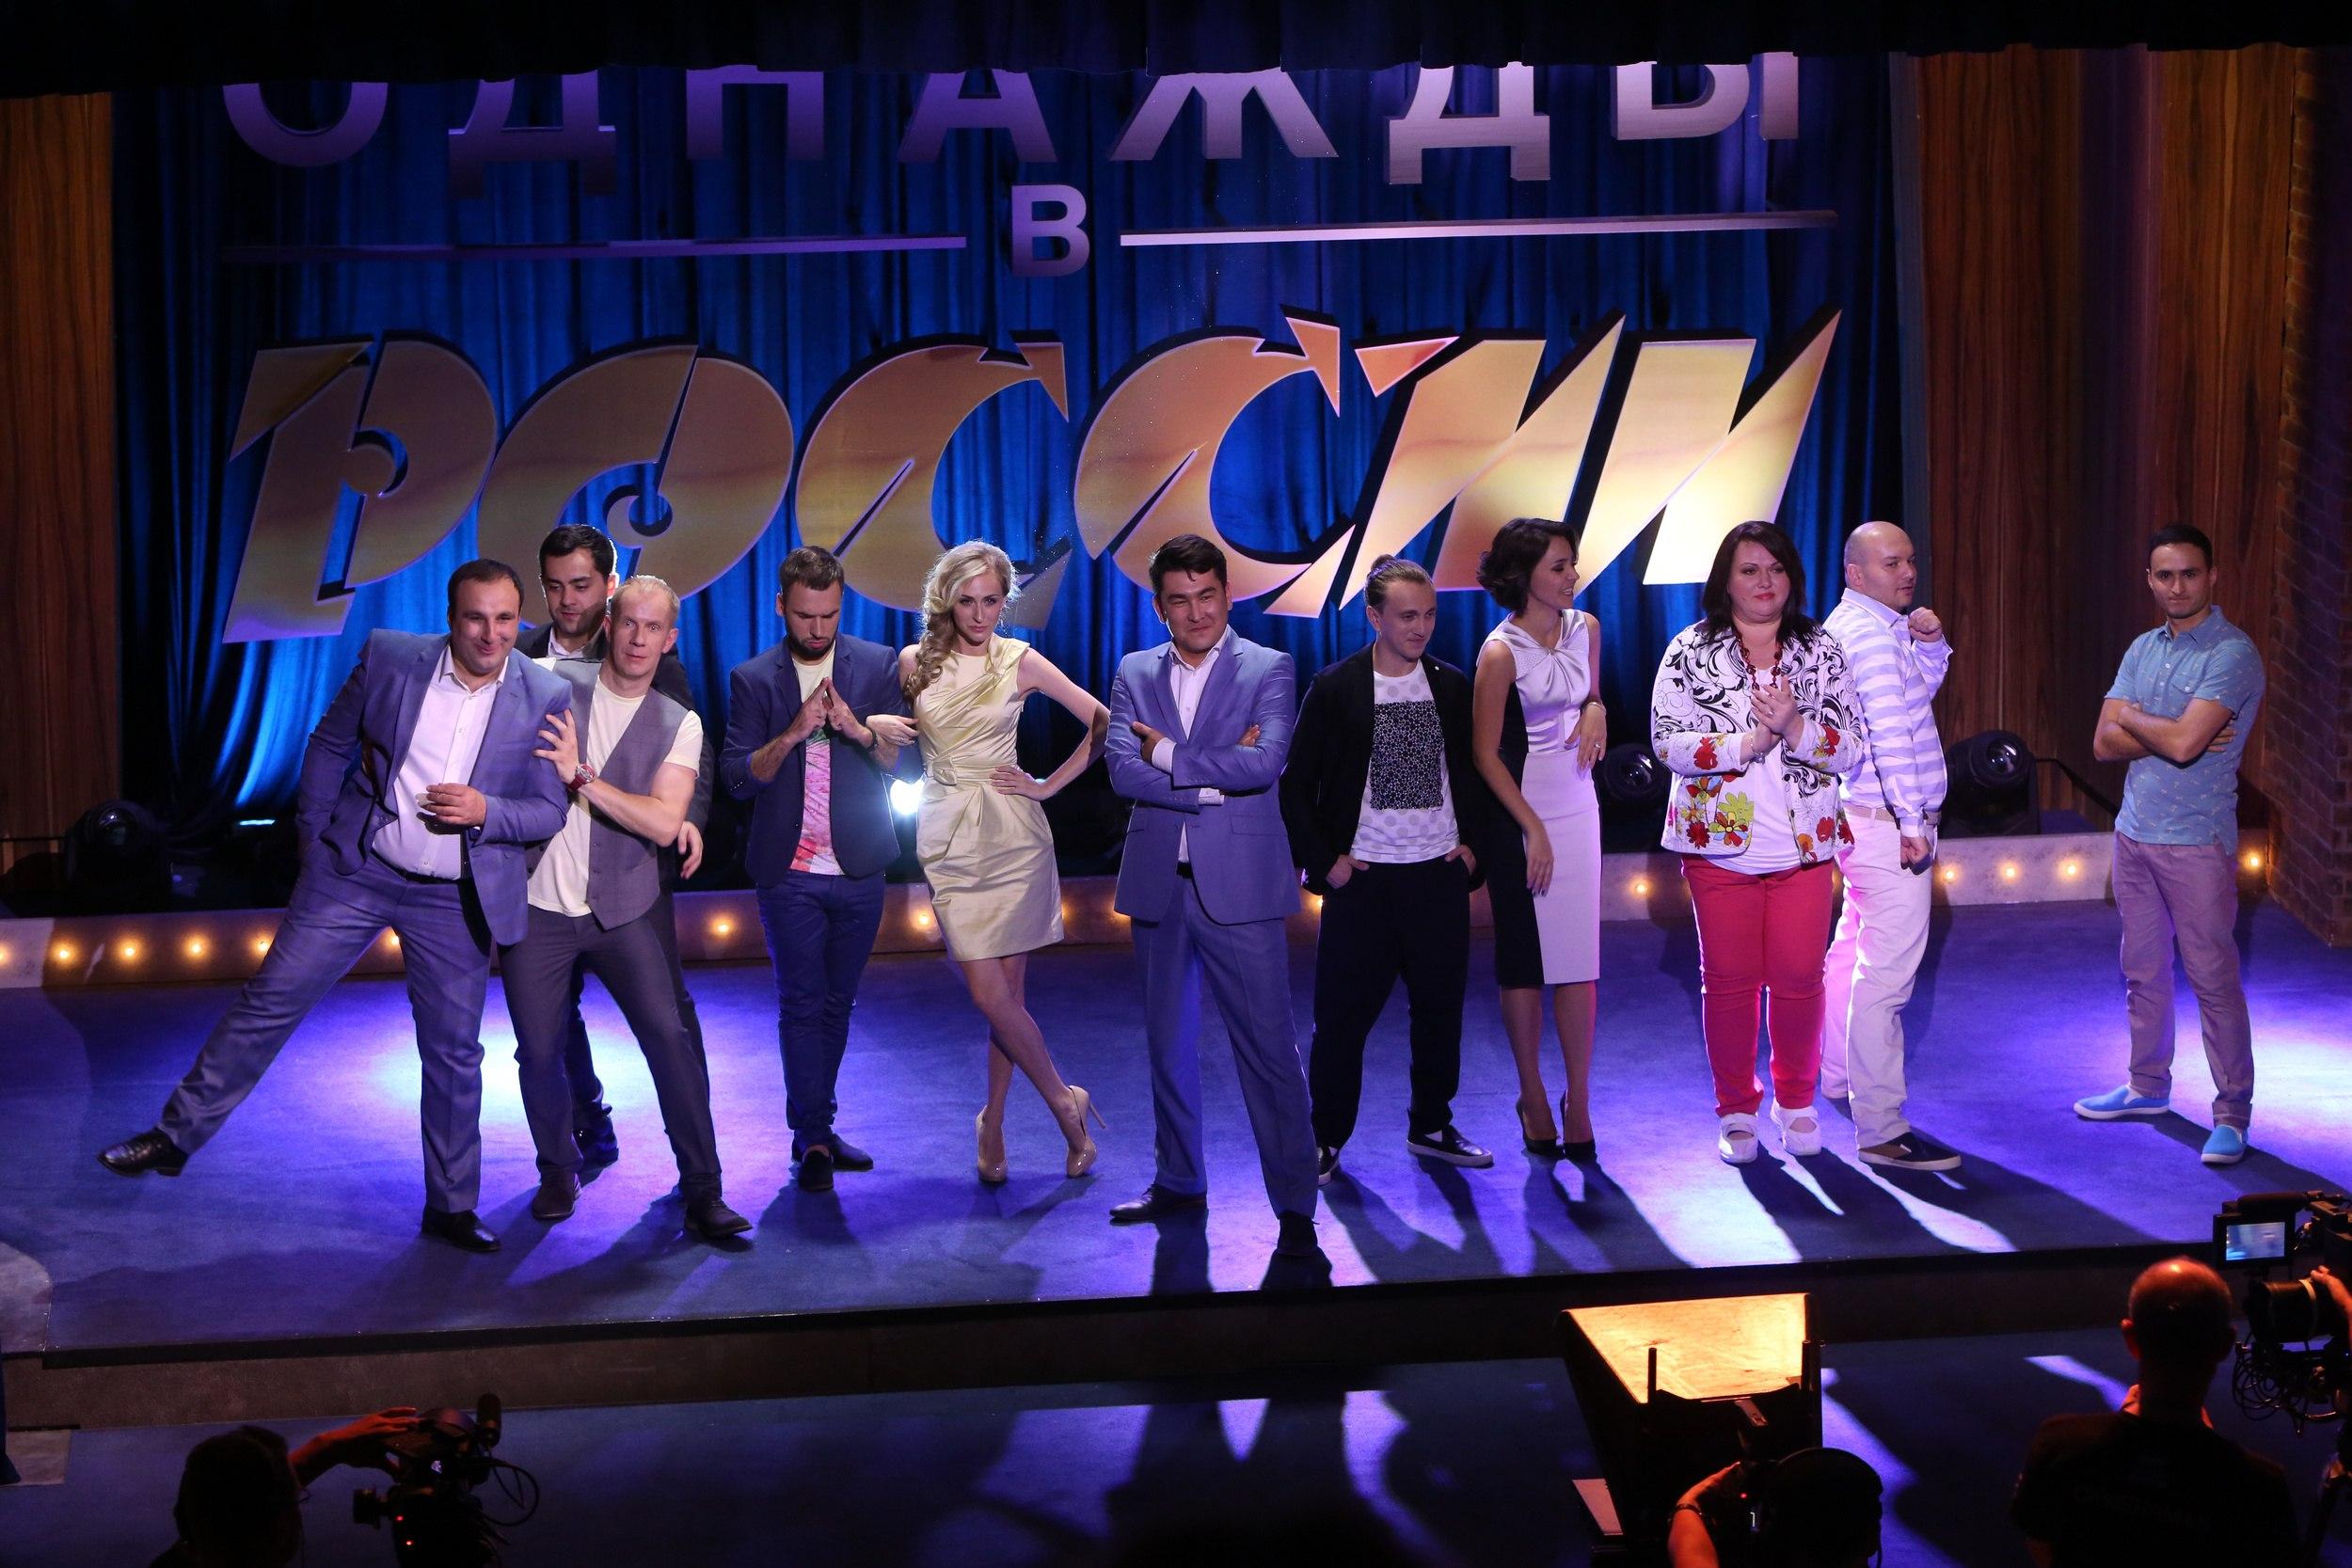 паркет шоу однажды в россии во владивостоке беспокойного